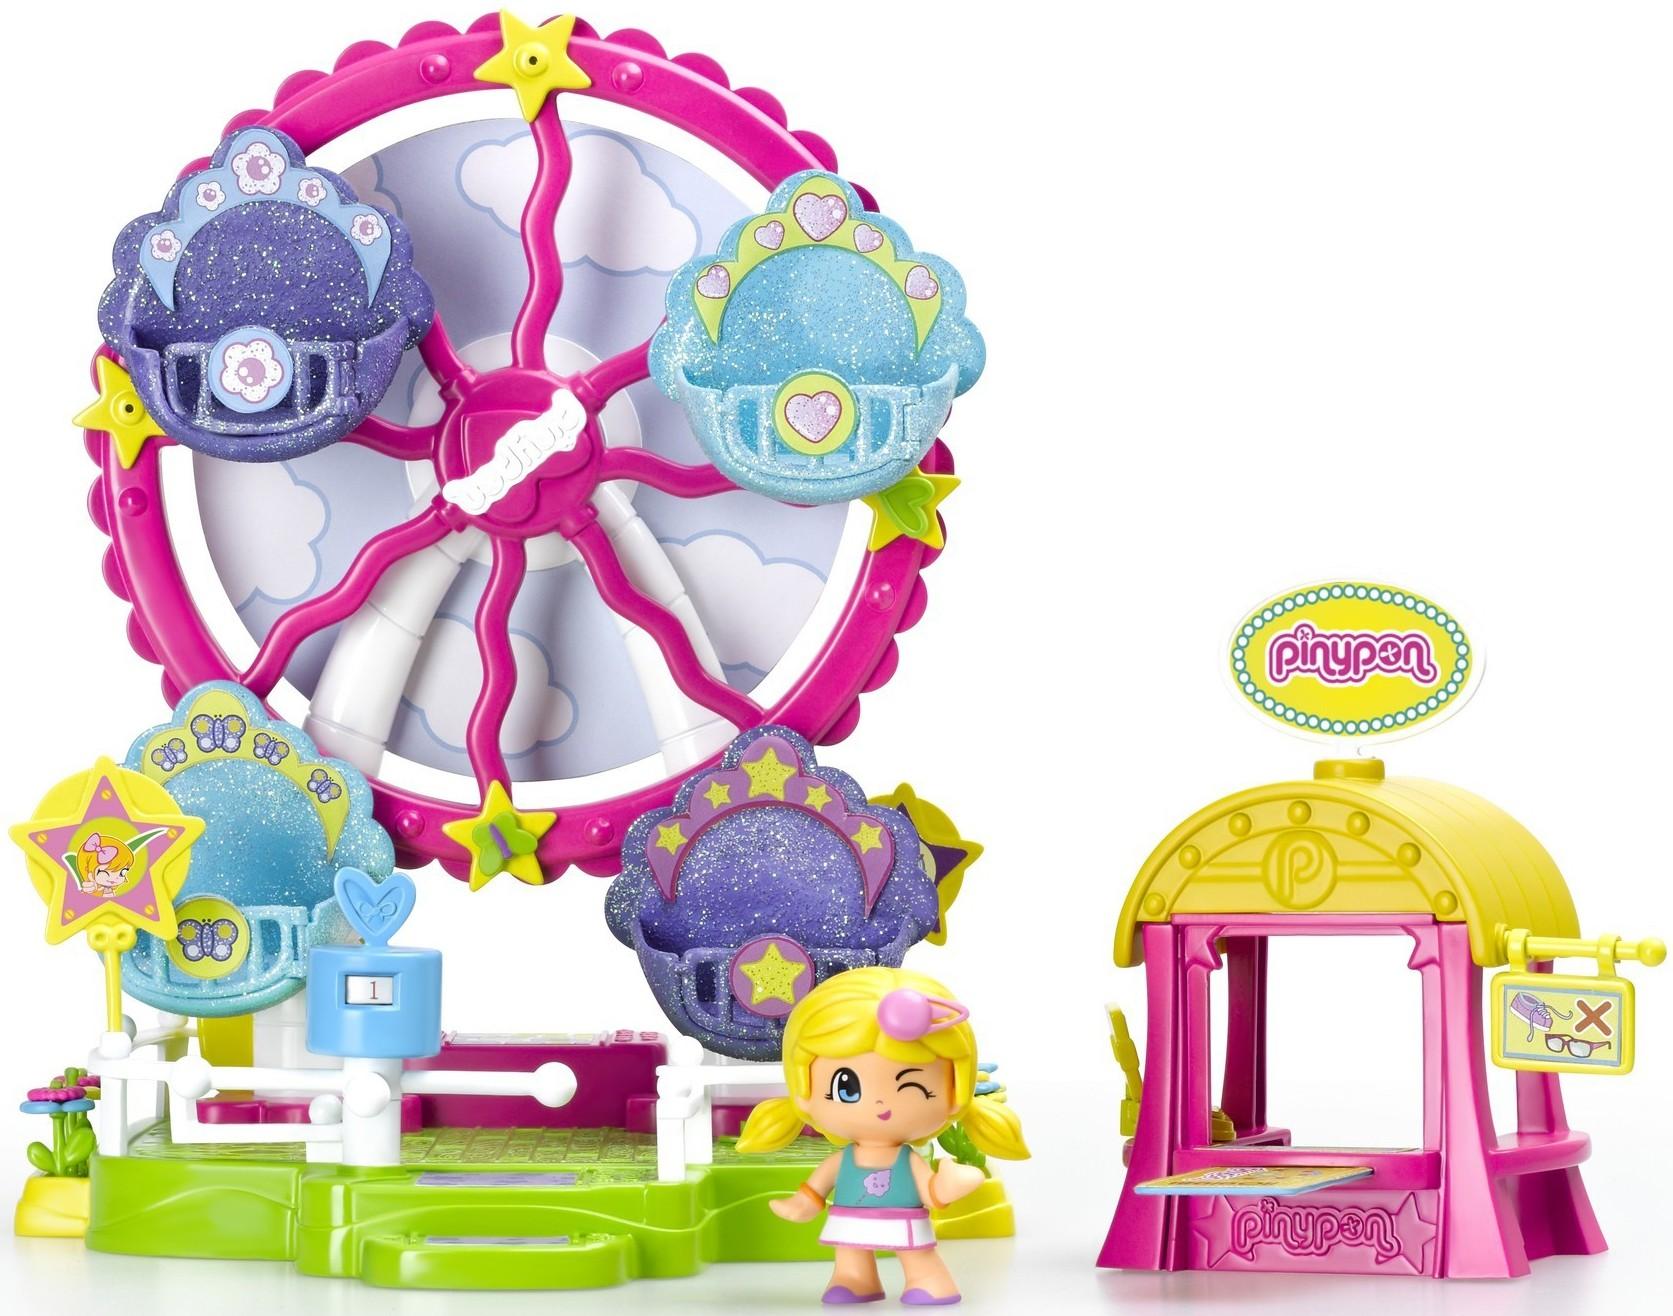 Pinypon Famosa Пинипон - Колесо обозрения игровой набор с фигуркой peppa pig колесо обозрения луна парк